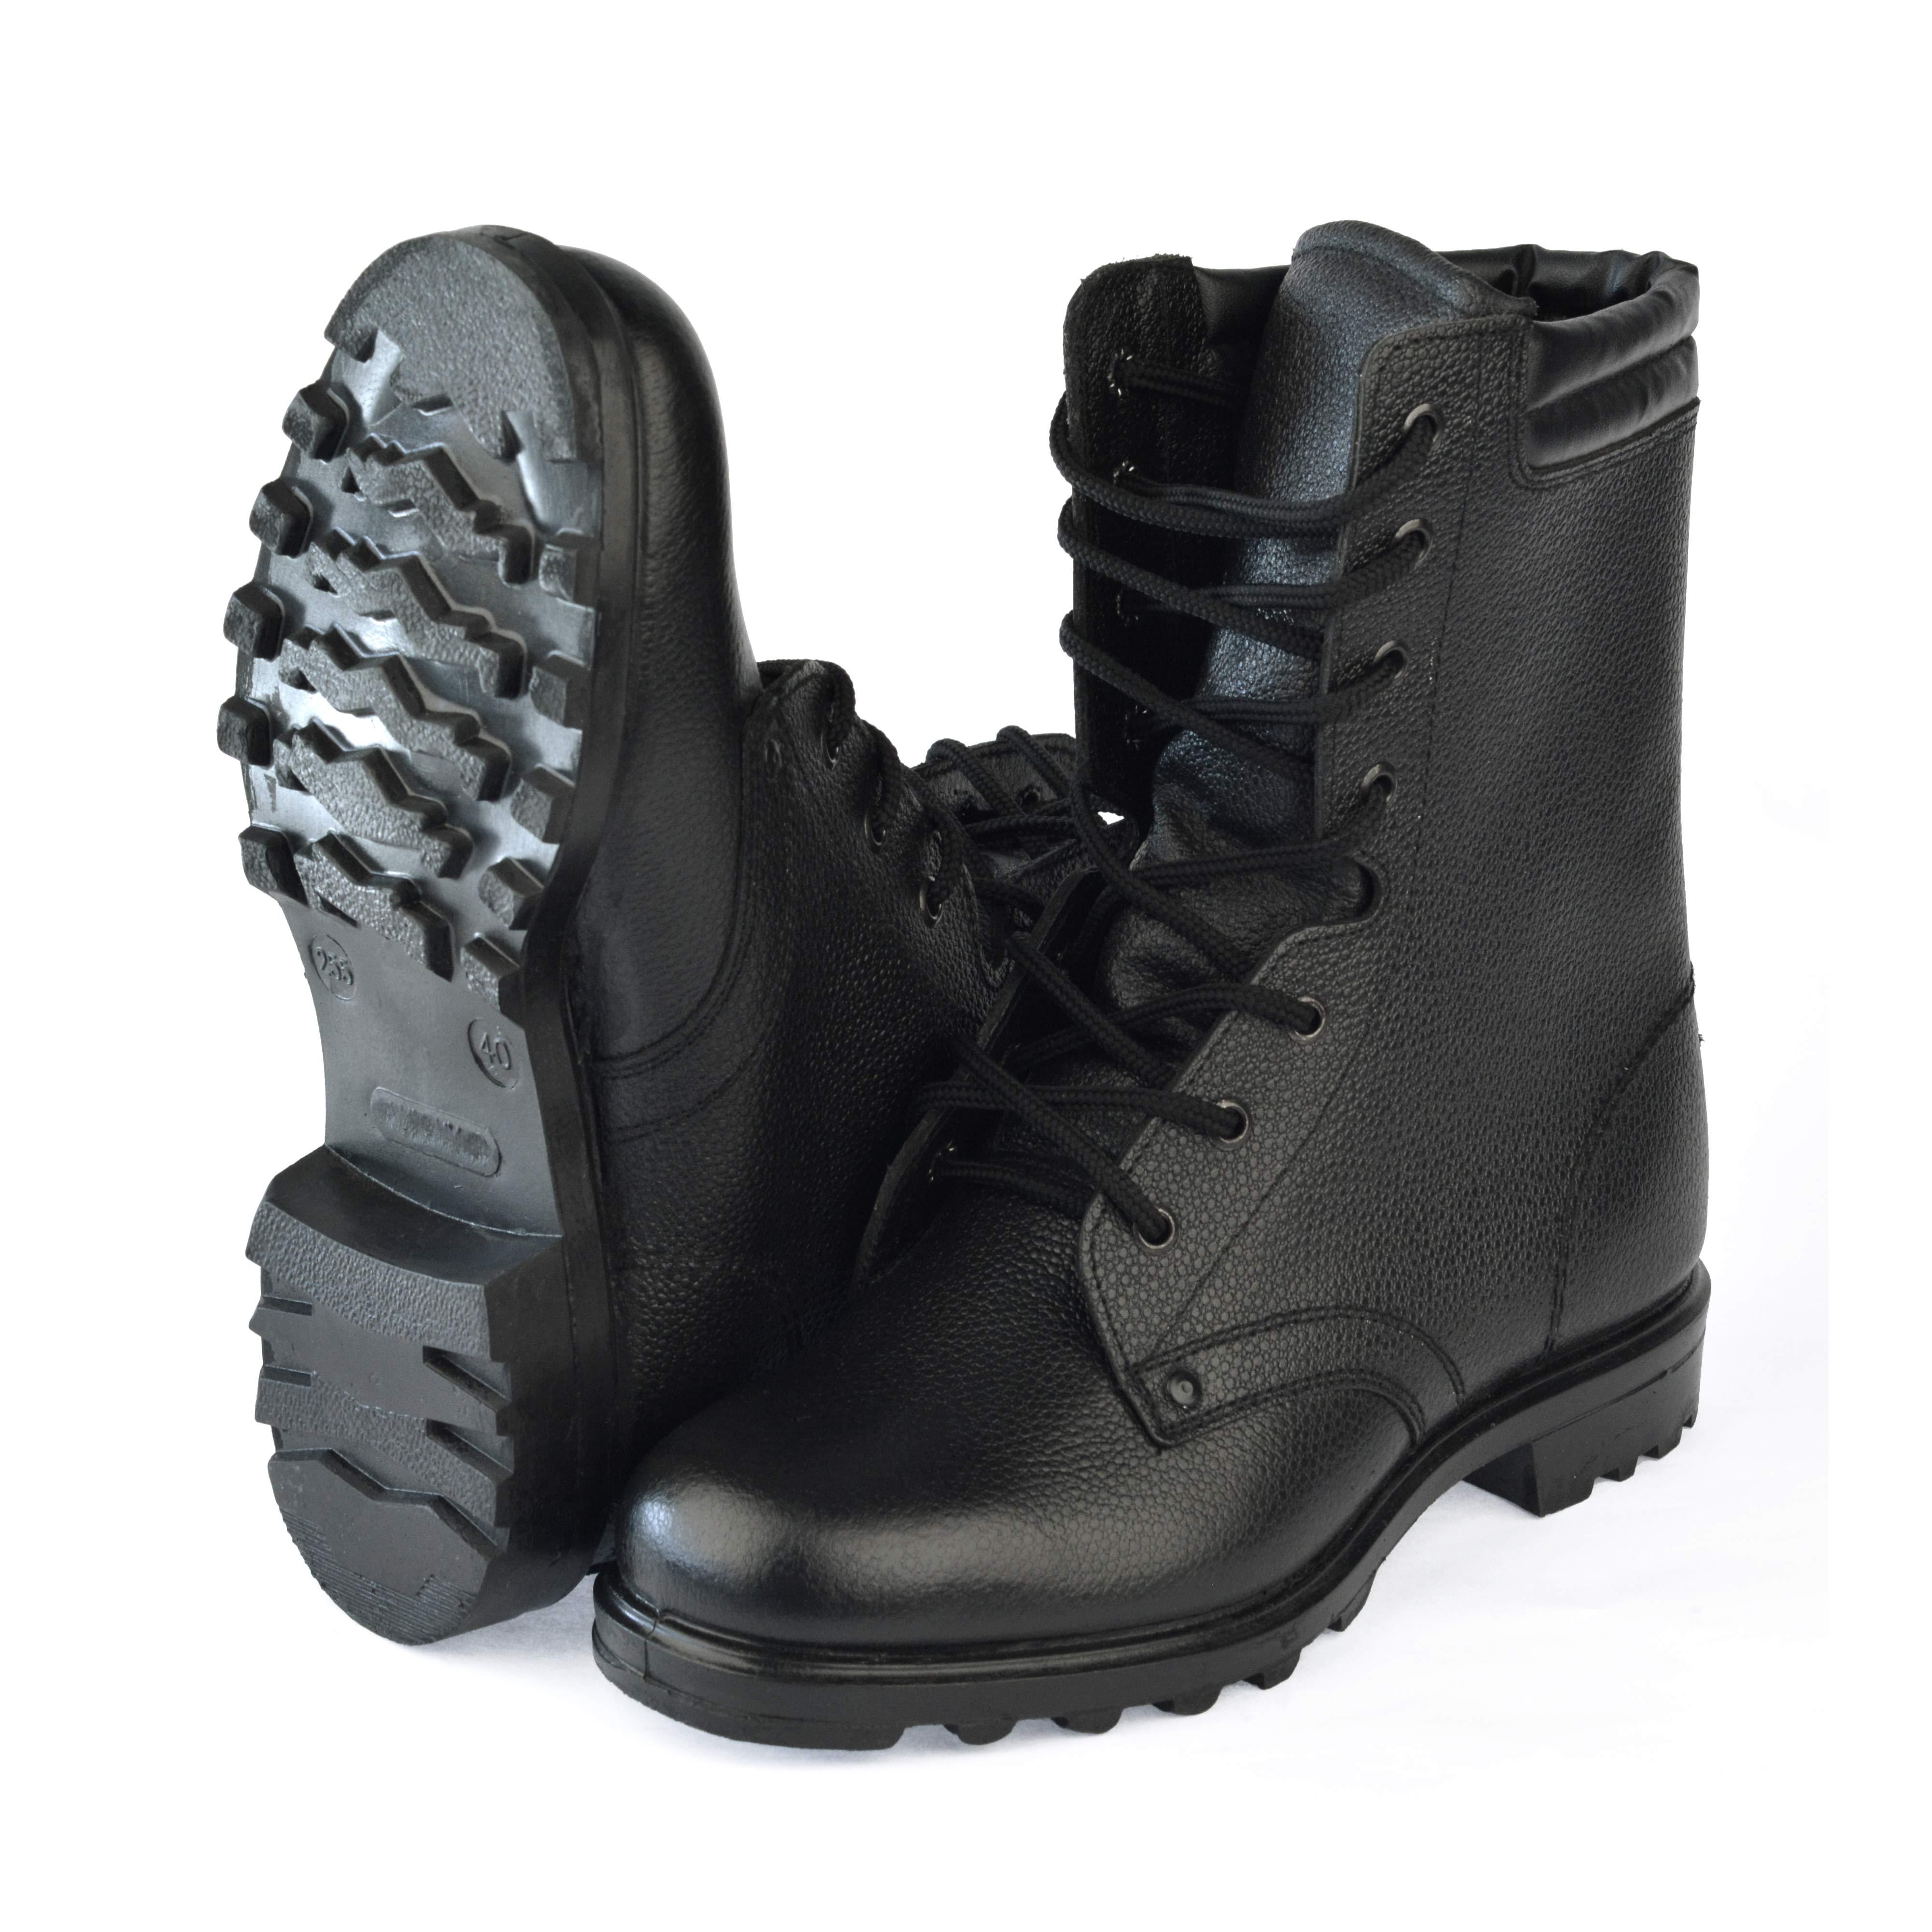 Ботинки с высокими берцами Армейские верх-юфть, подошва-резина, Ботинки с высокими берцами - арт. 1003820245